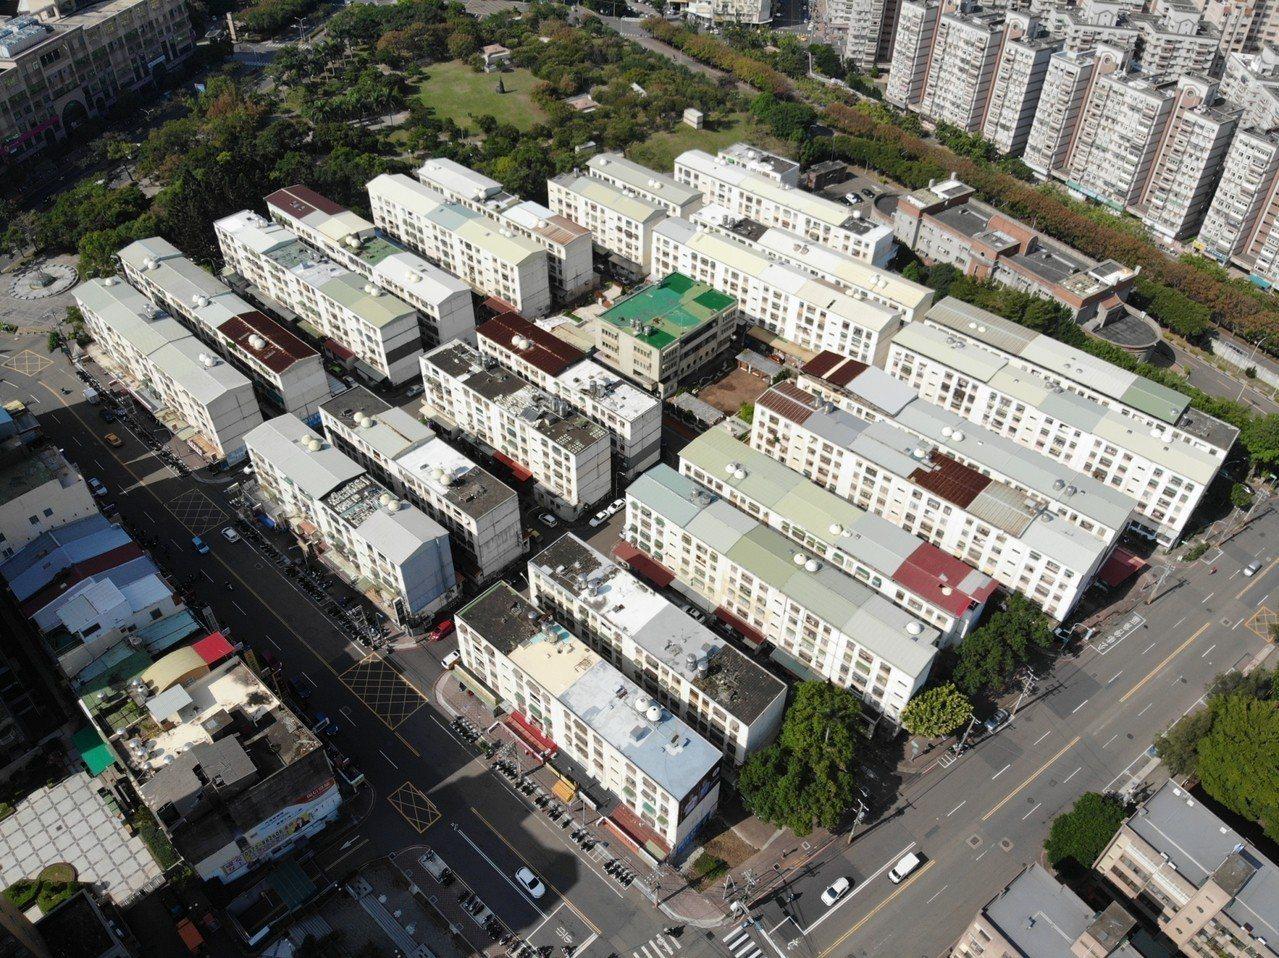 新竹市東區孟竹國宅有580戶,是屋齡36年的老房子,已啟動自主都更計畫。照片/市...